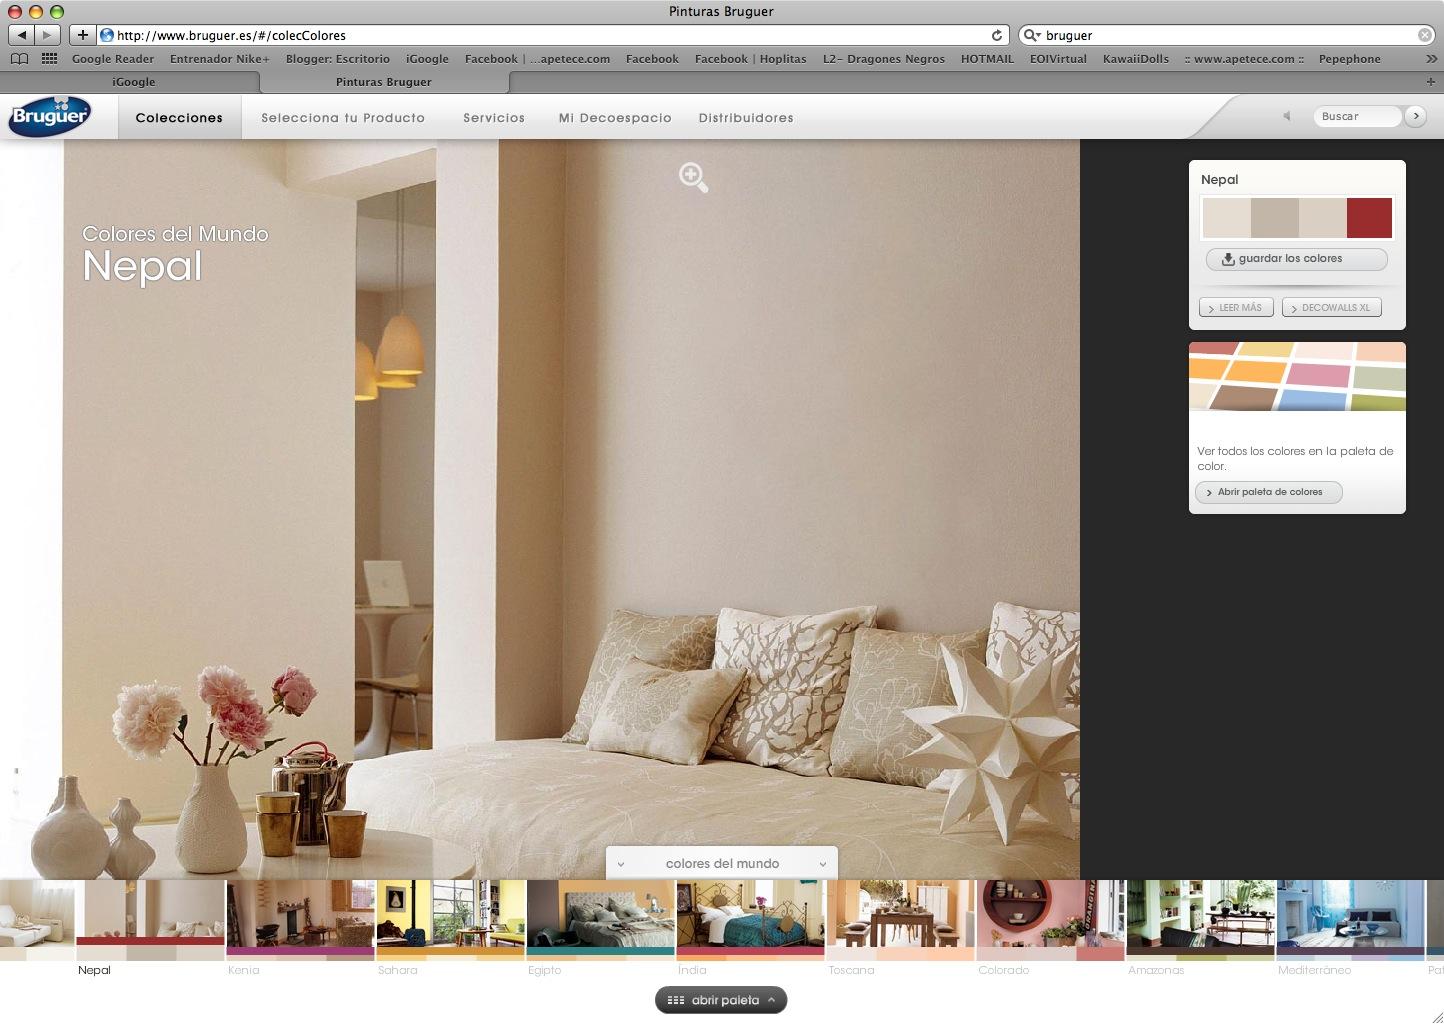 Colores bruguer para salon great vdeo tutorial cmo pintar - Bruguer colores del mundo leroy merlin ...